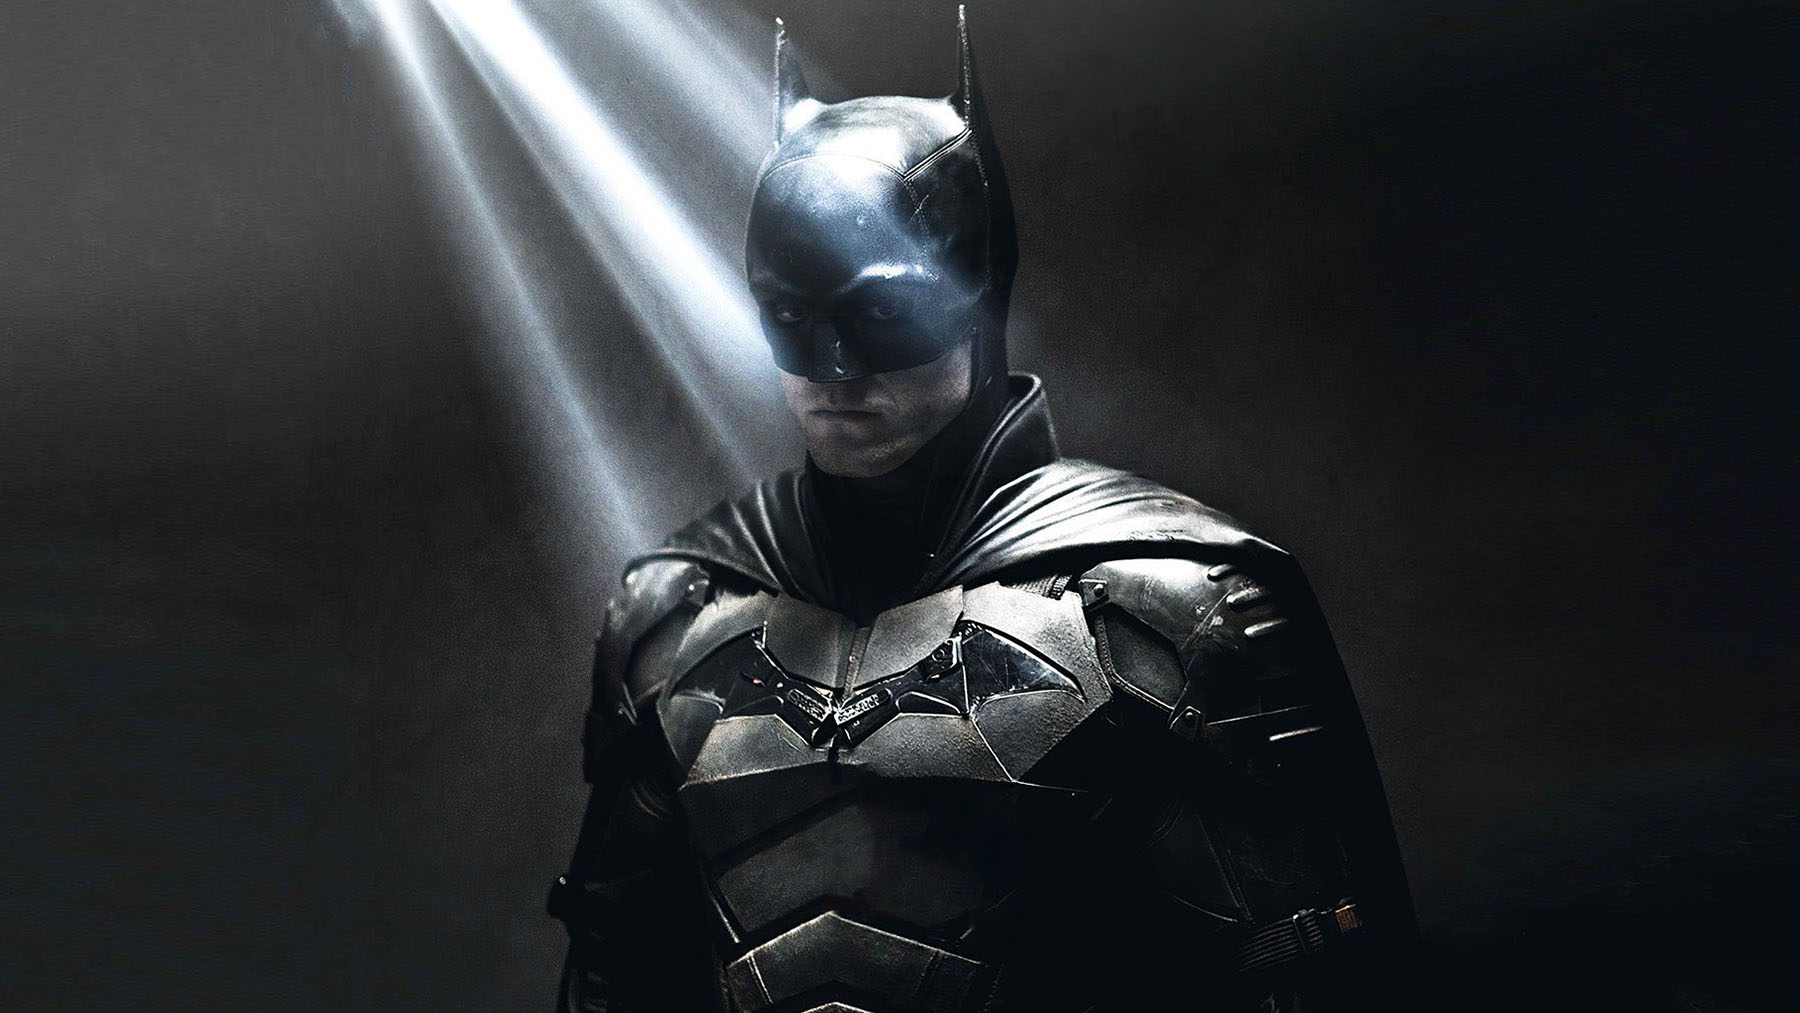 «The Batman» (Warner Bros Pictures)